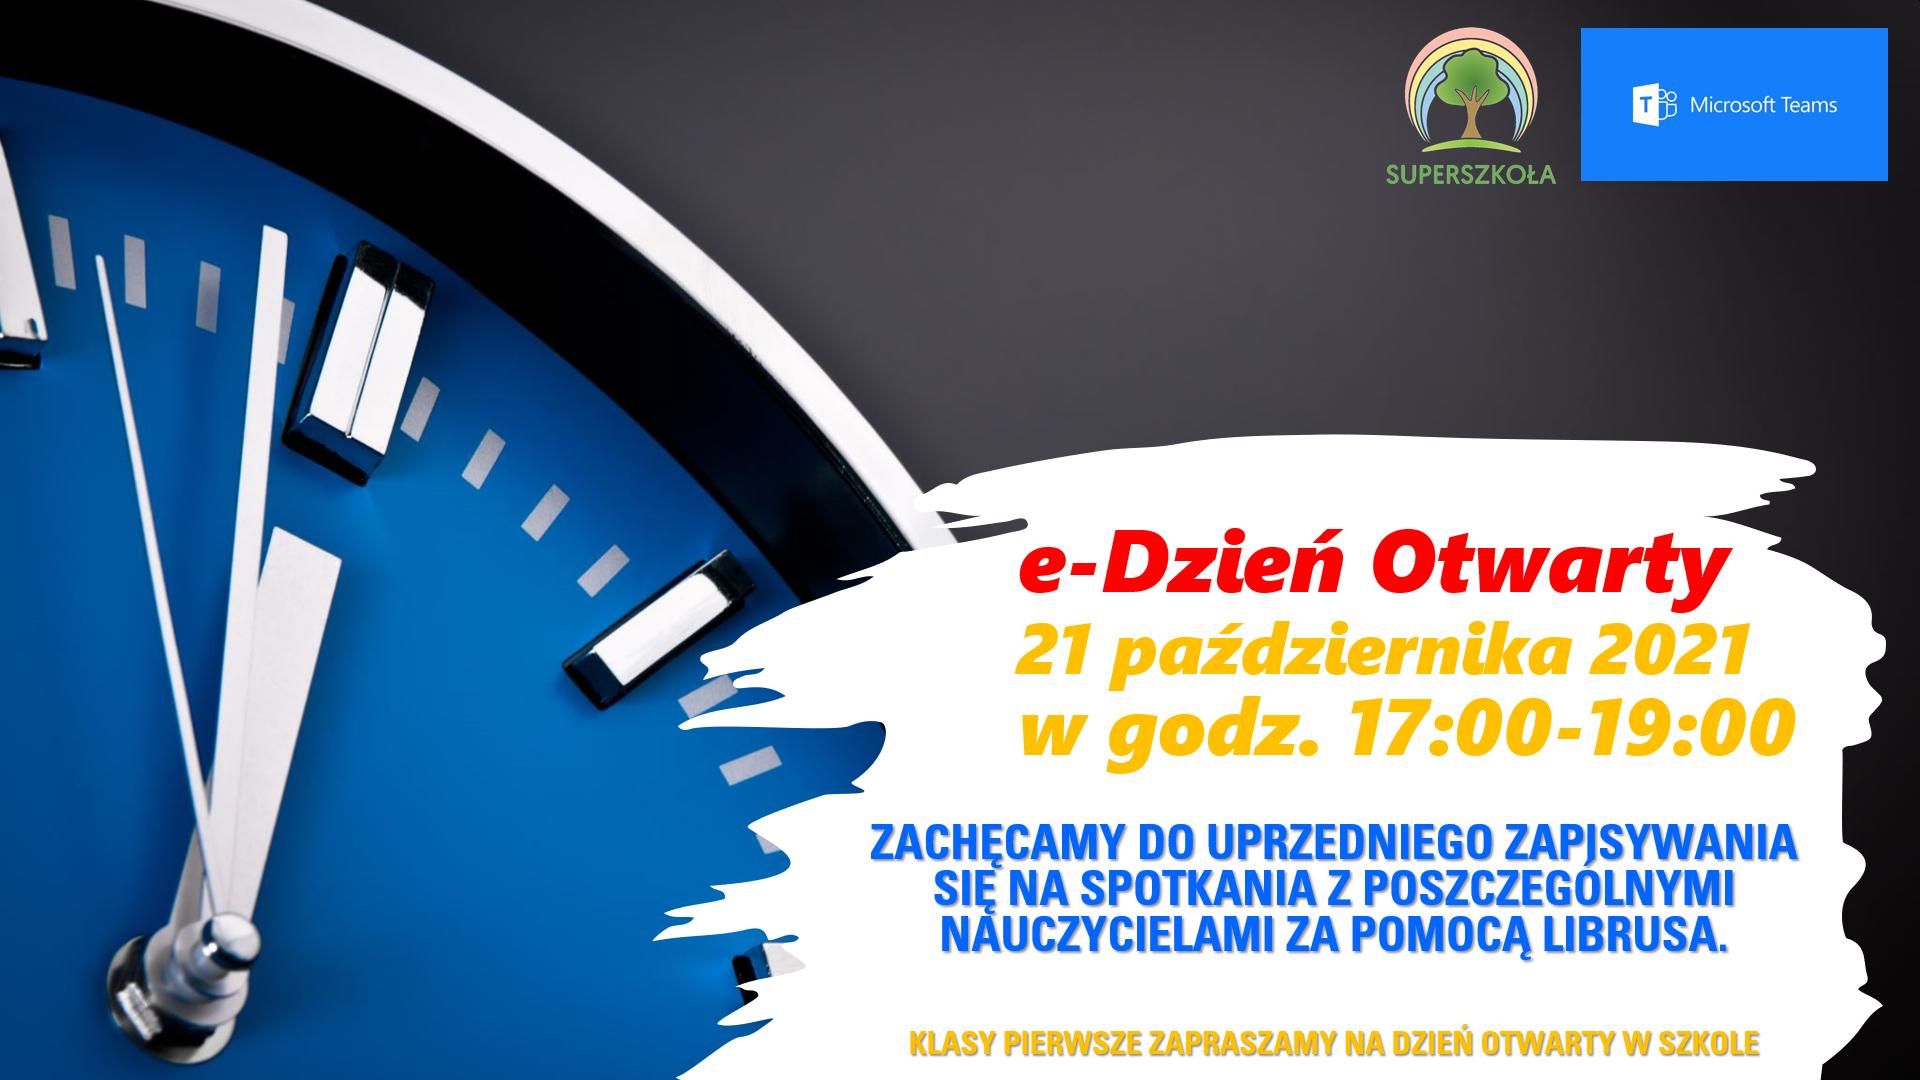 e-dzien_otwarty_11_2021